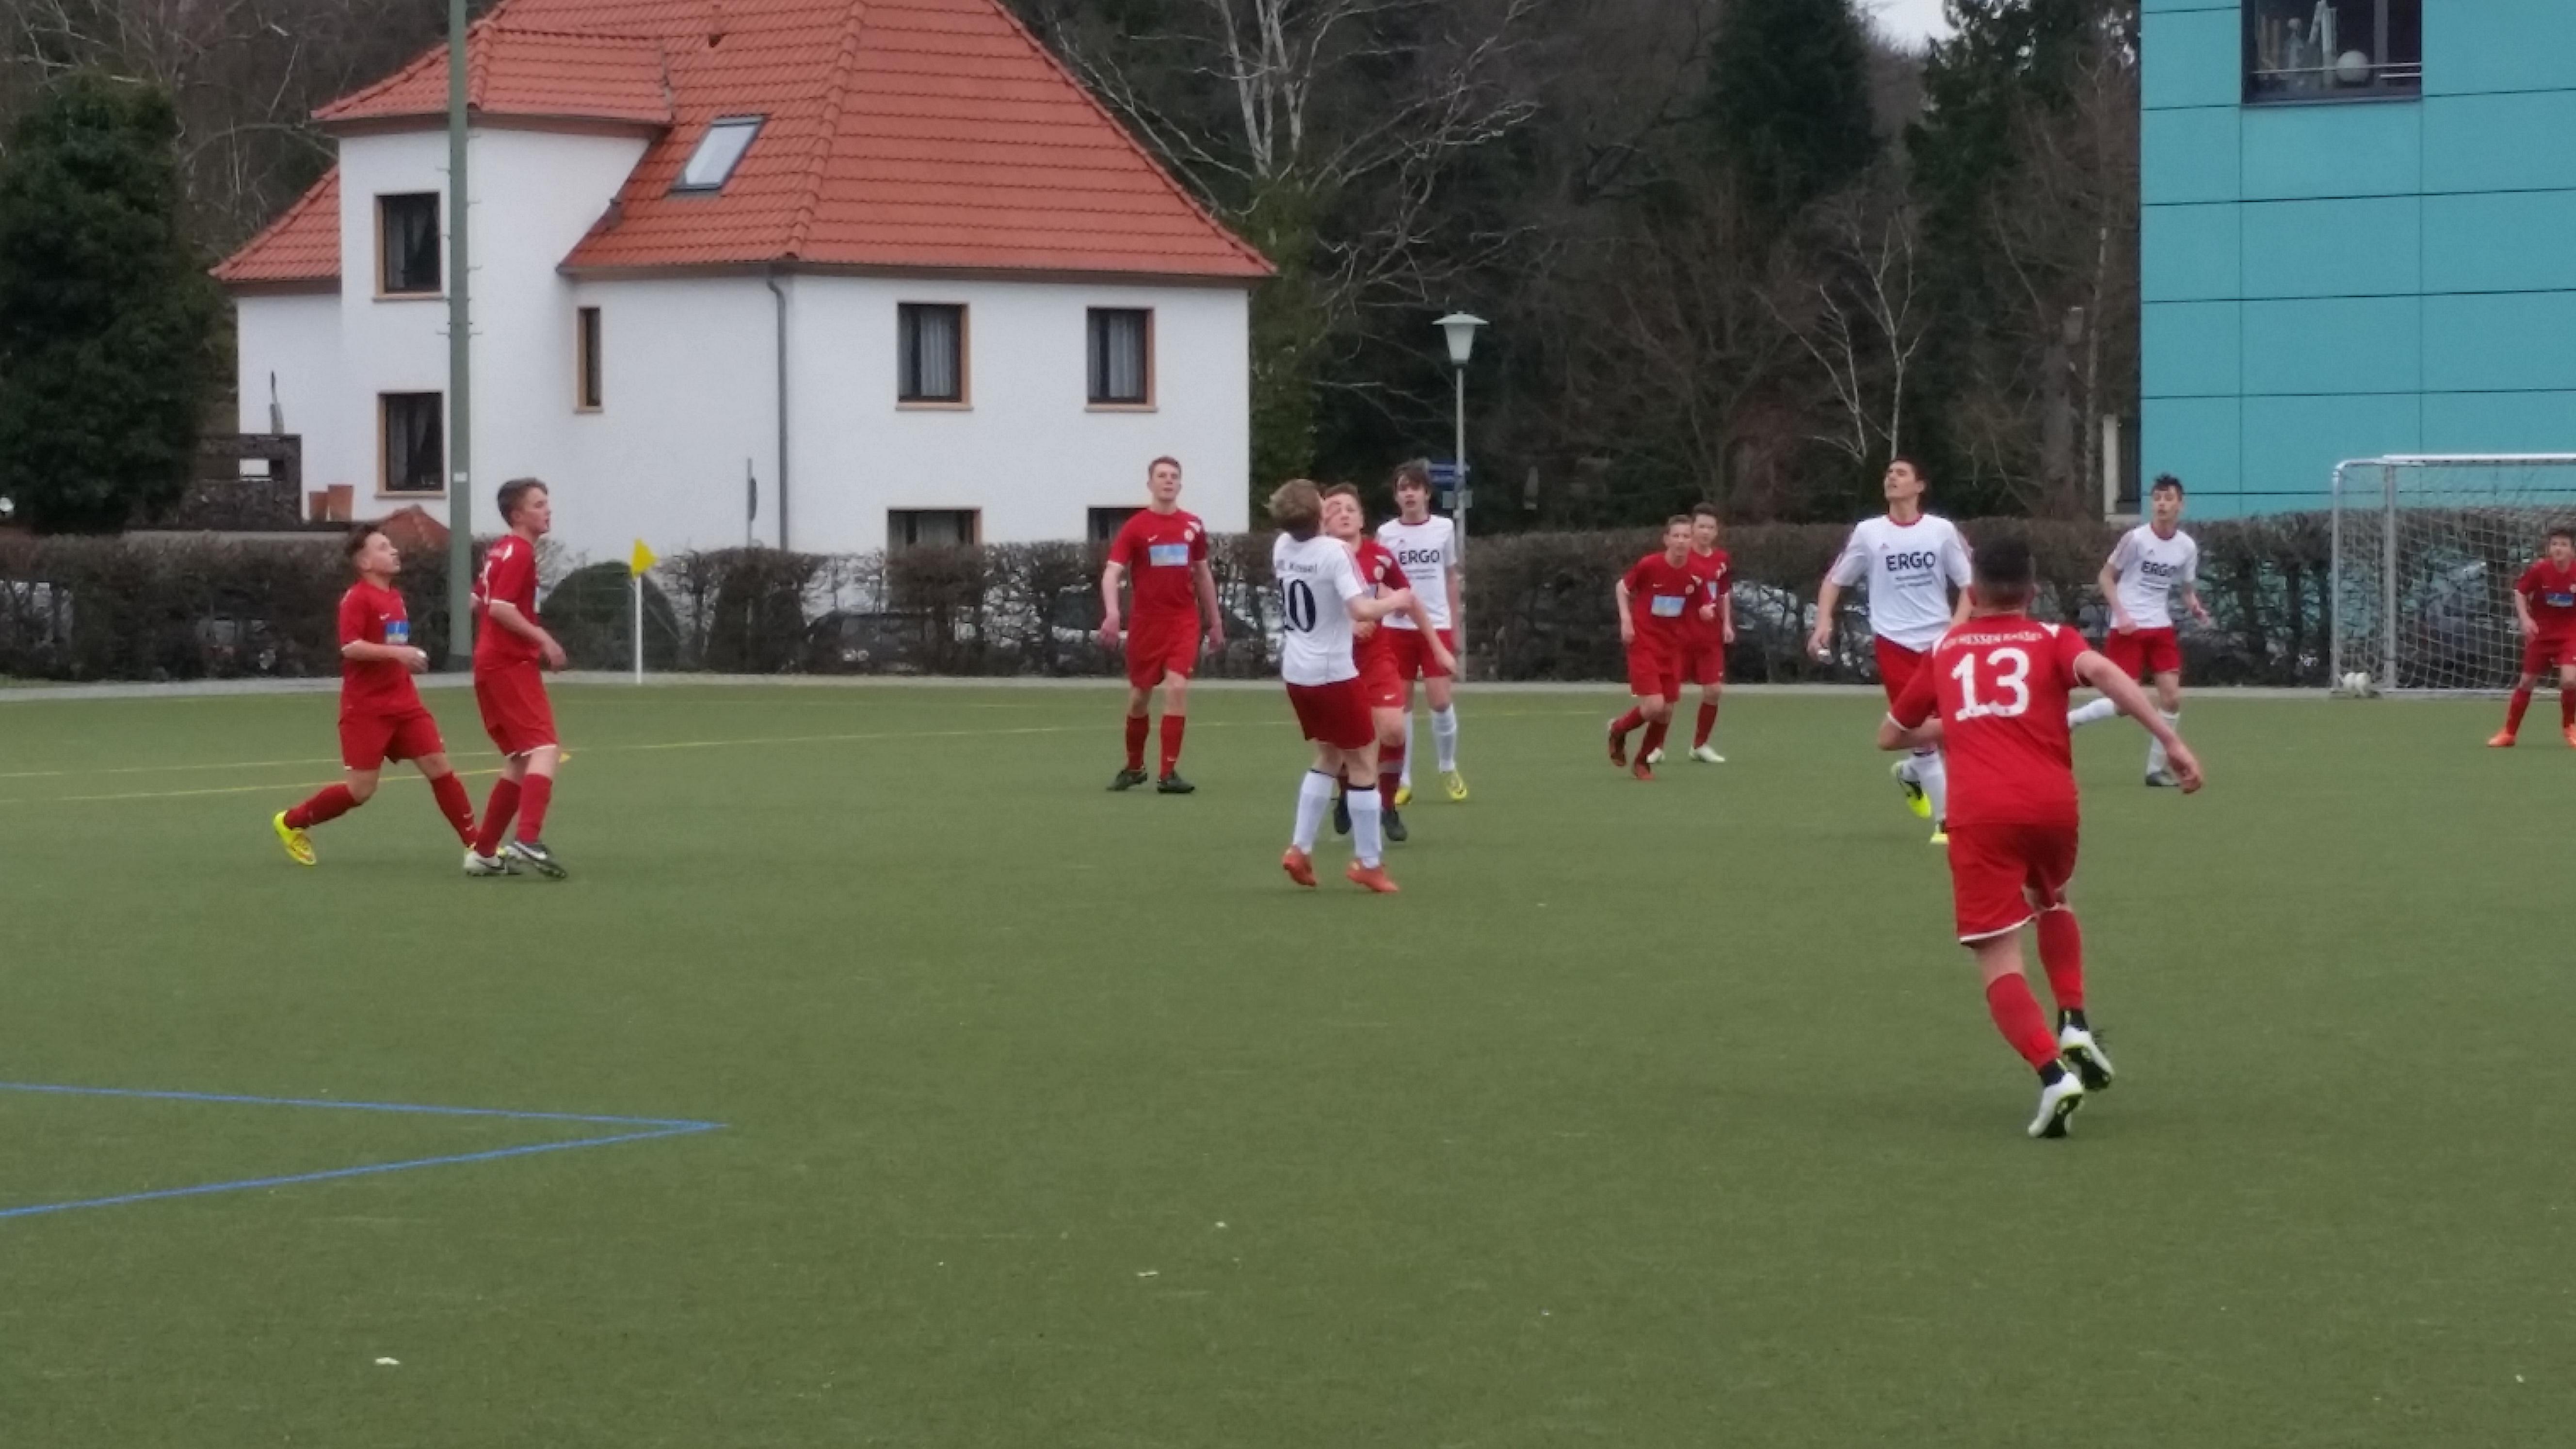 VfL Kassel - U14